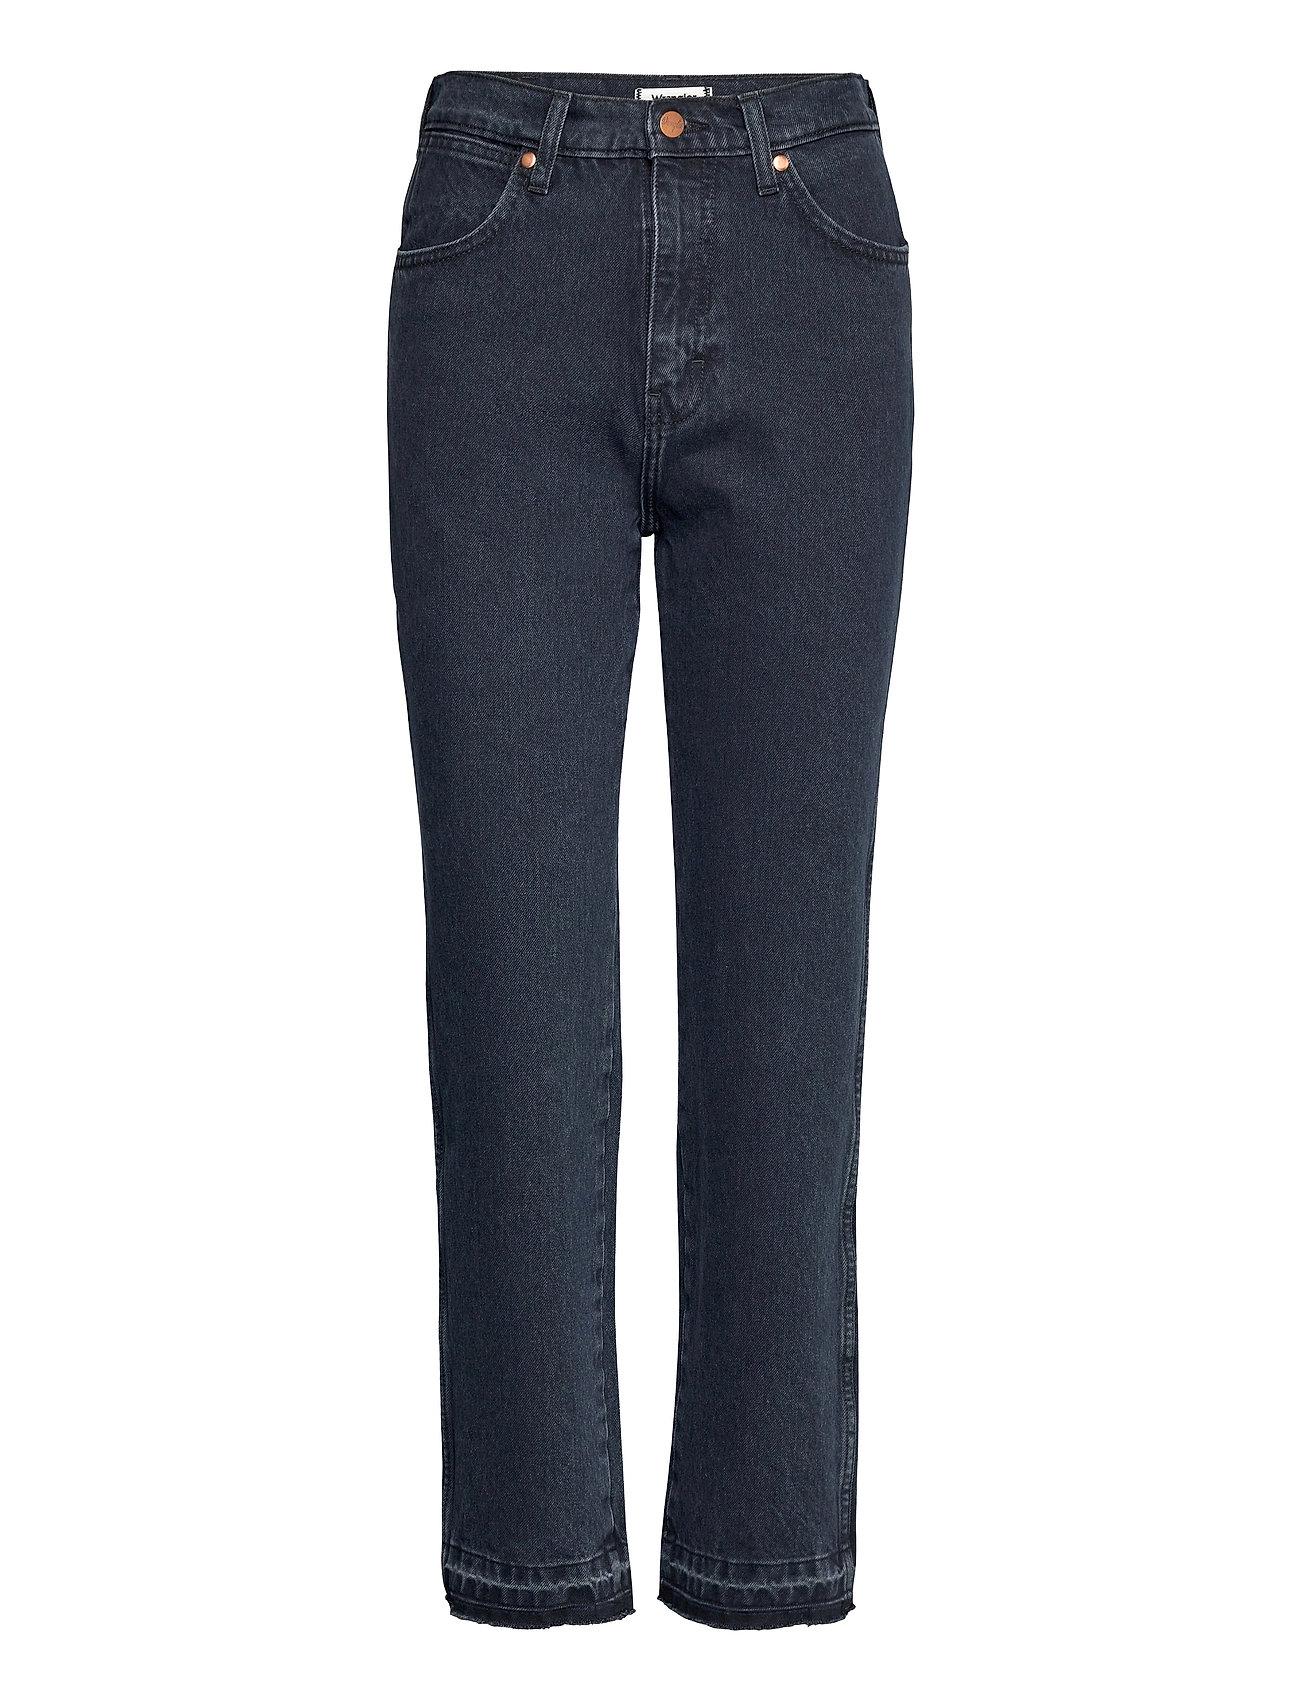 Image of Wild West Lige Jeans Blå Wrangler (3487171391)